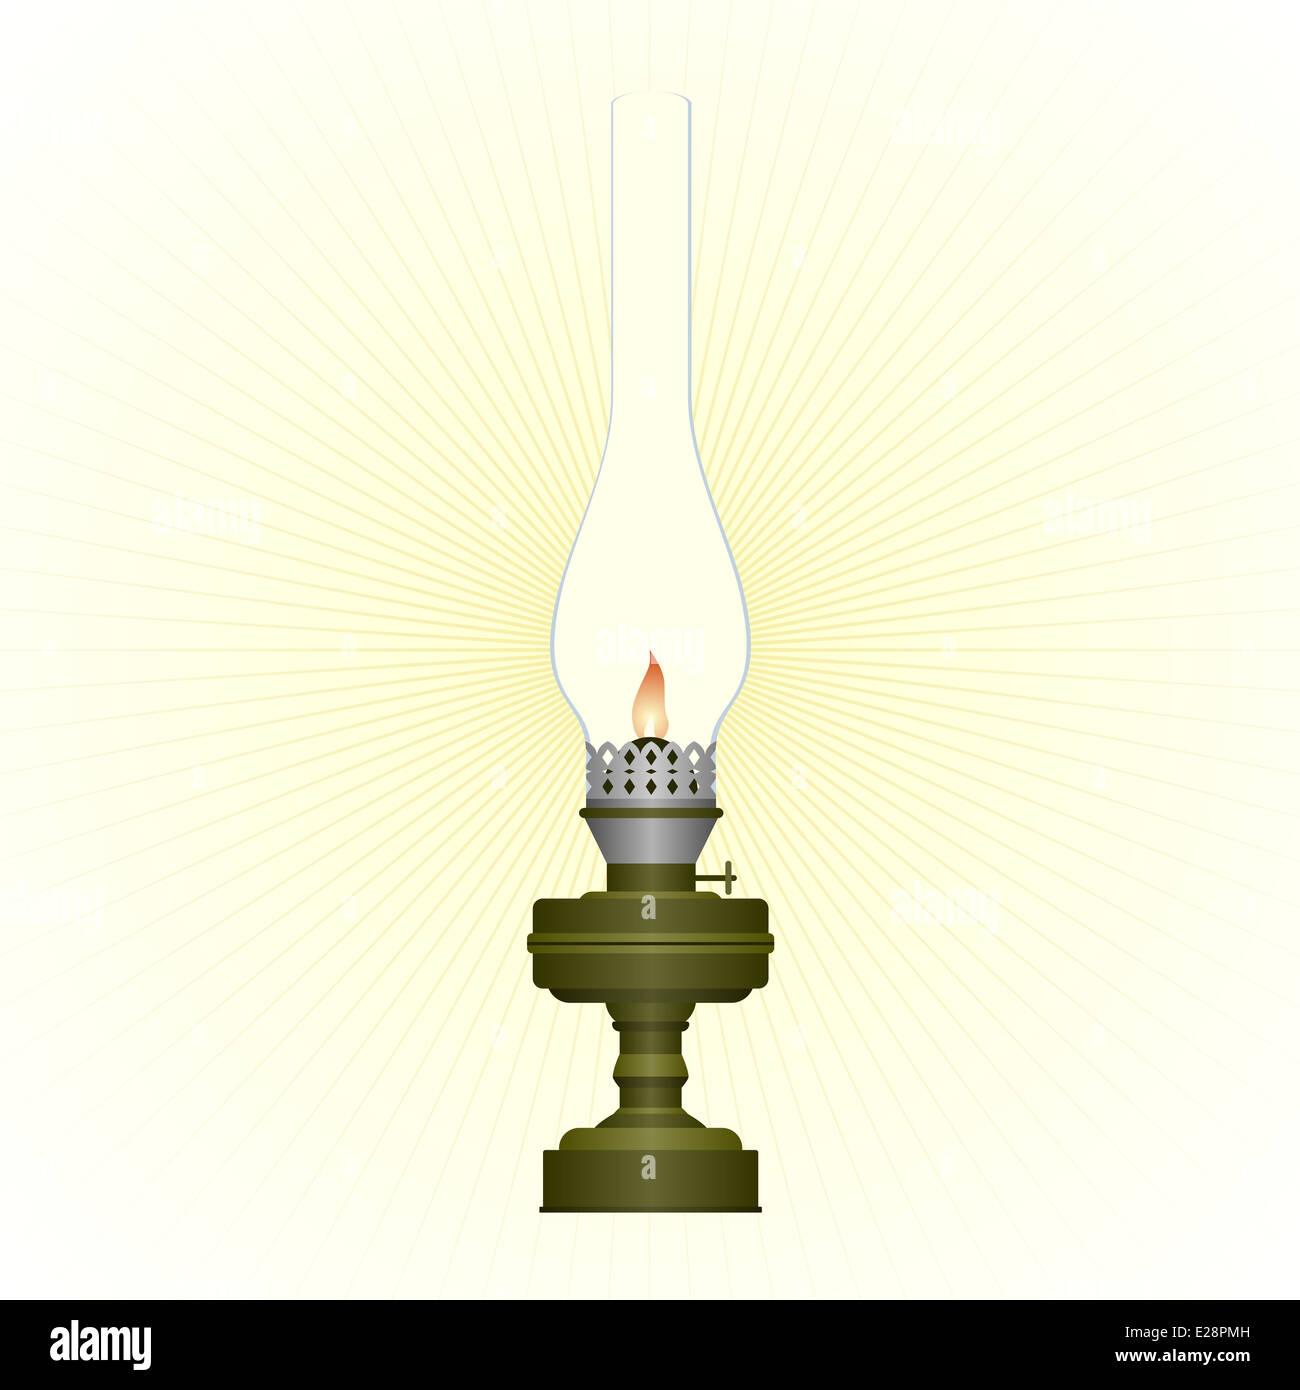 Burning old kerosene lamp. Illustration on white background. - Stock Image